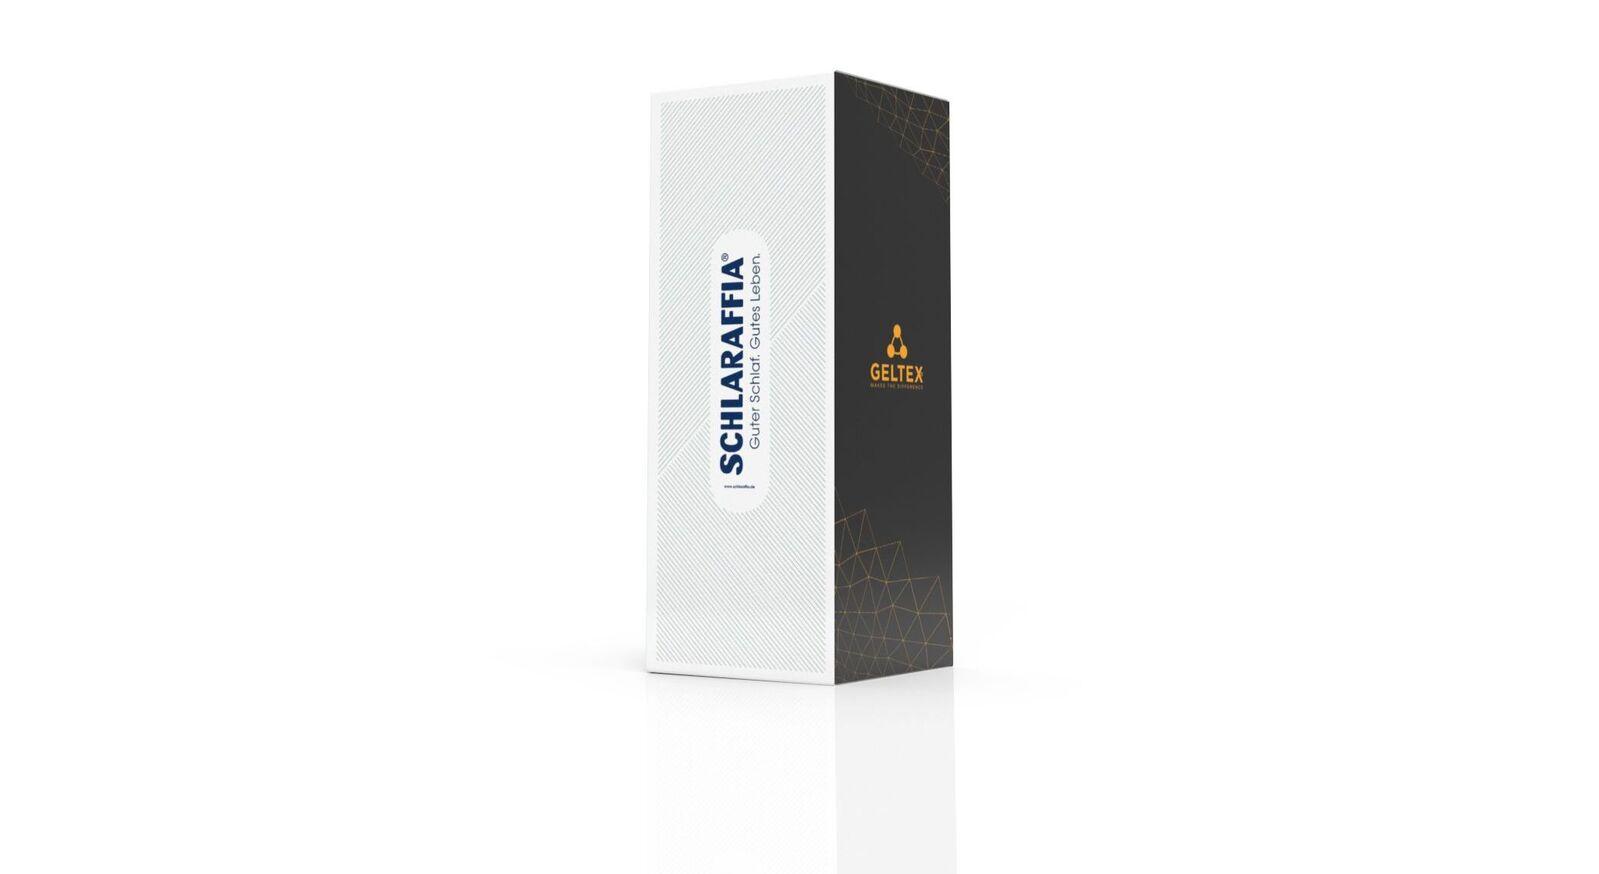 Kompakte Verpackung der SCHLARAFFIA-GELTEX Produkte